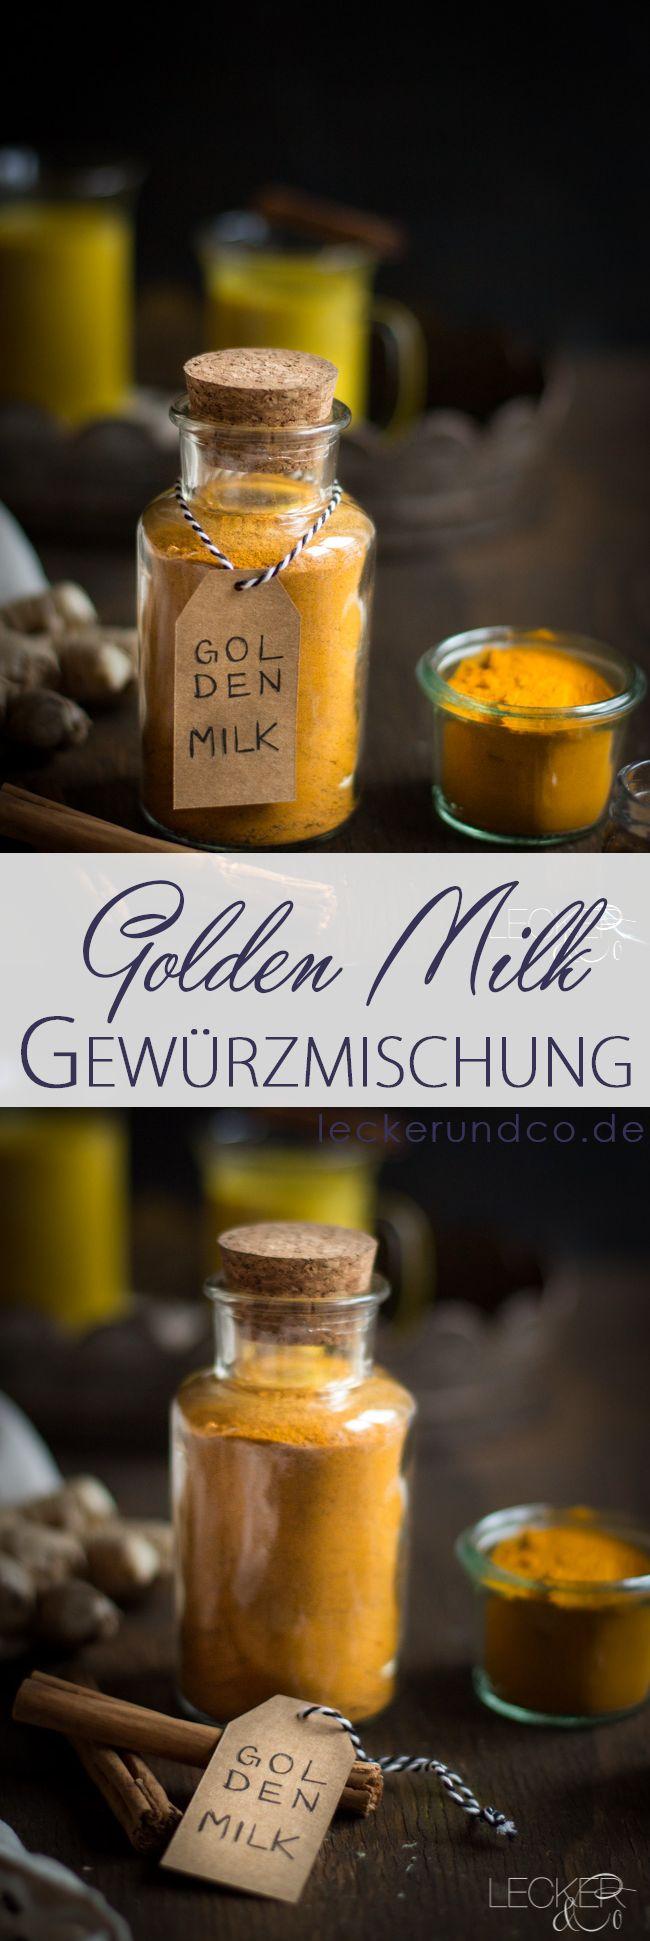 Gewürzmischung für Golden Milk | Spices for Tumeric Latte